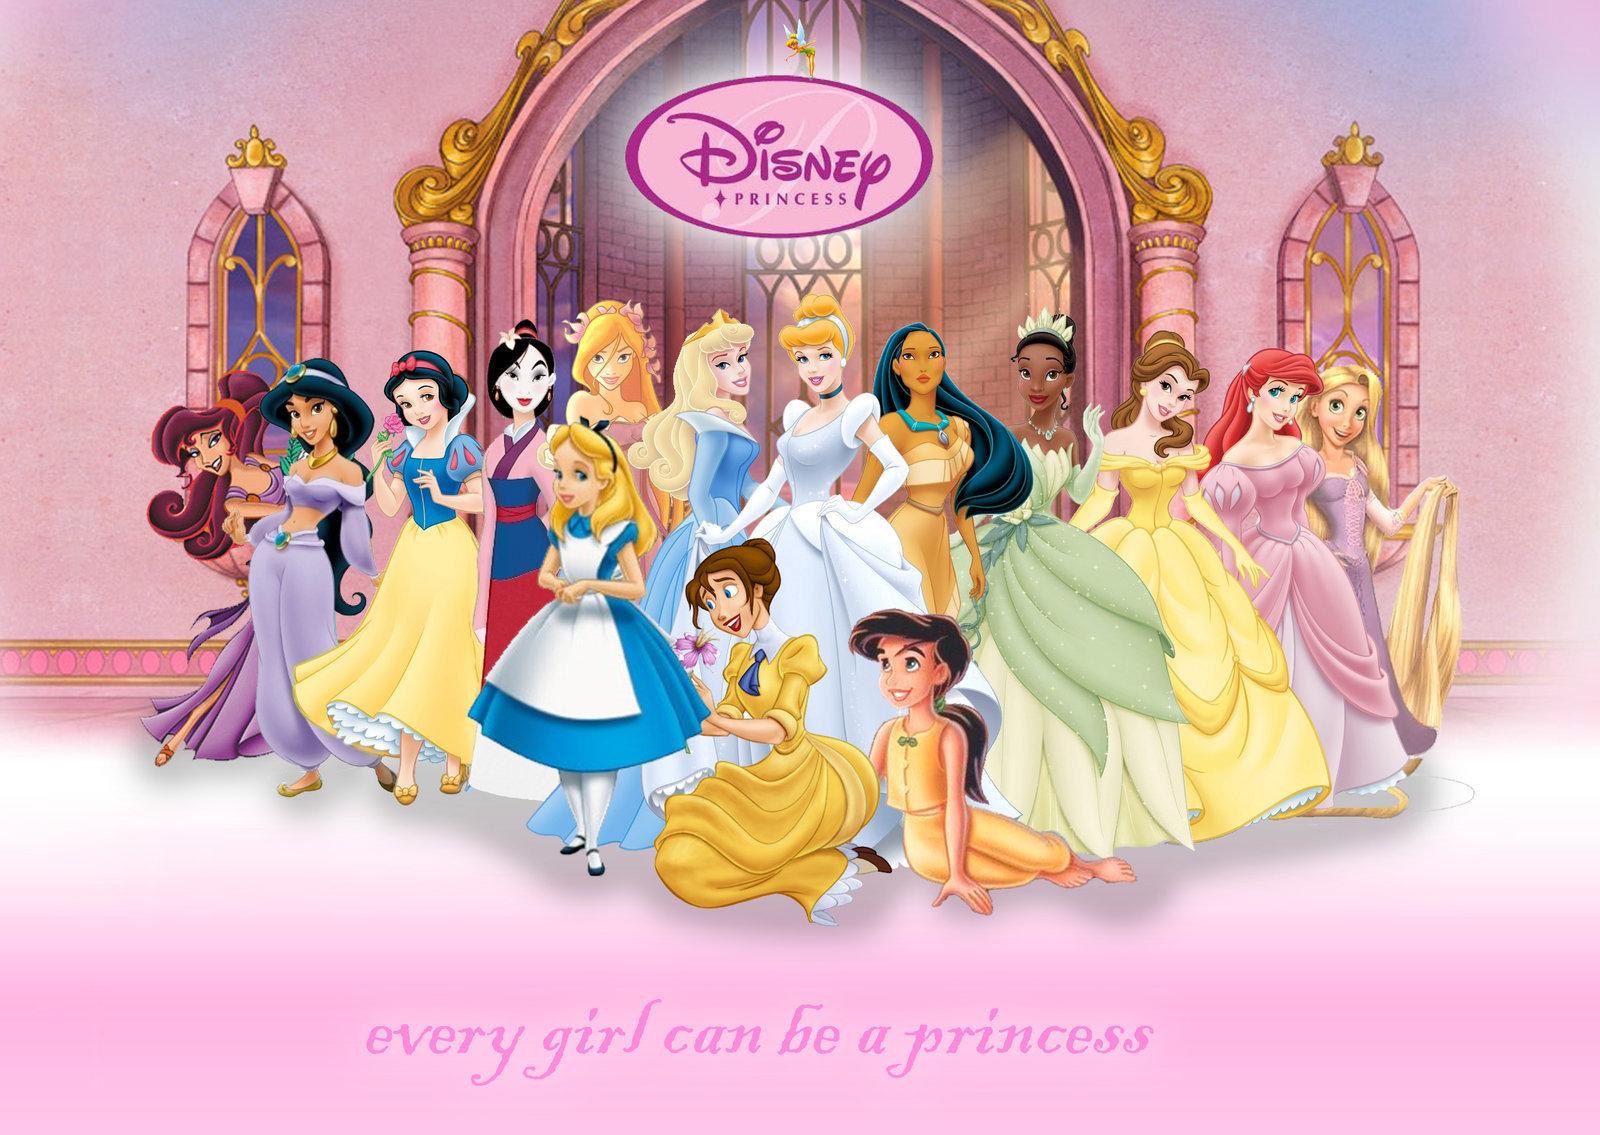 https://i2.wp.com/images4.fanpop.com/image/photos/17100000/Disney-Girls-disney-princess-17128148-1600-1135.jpg